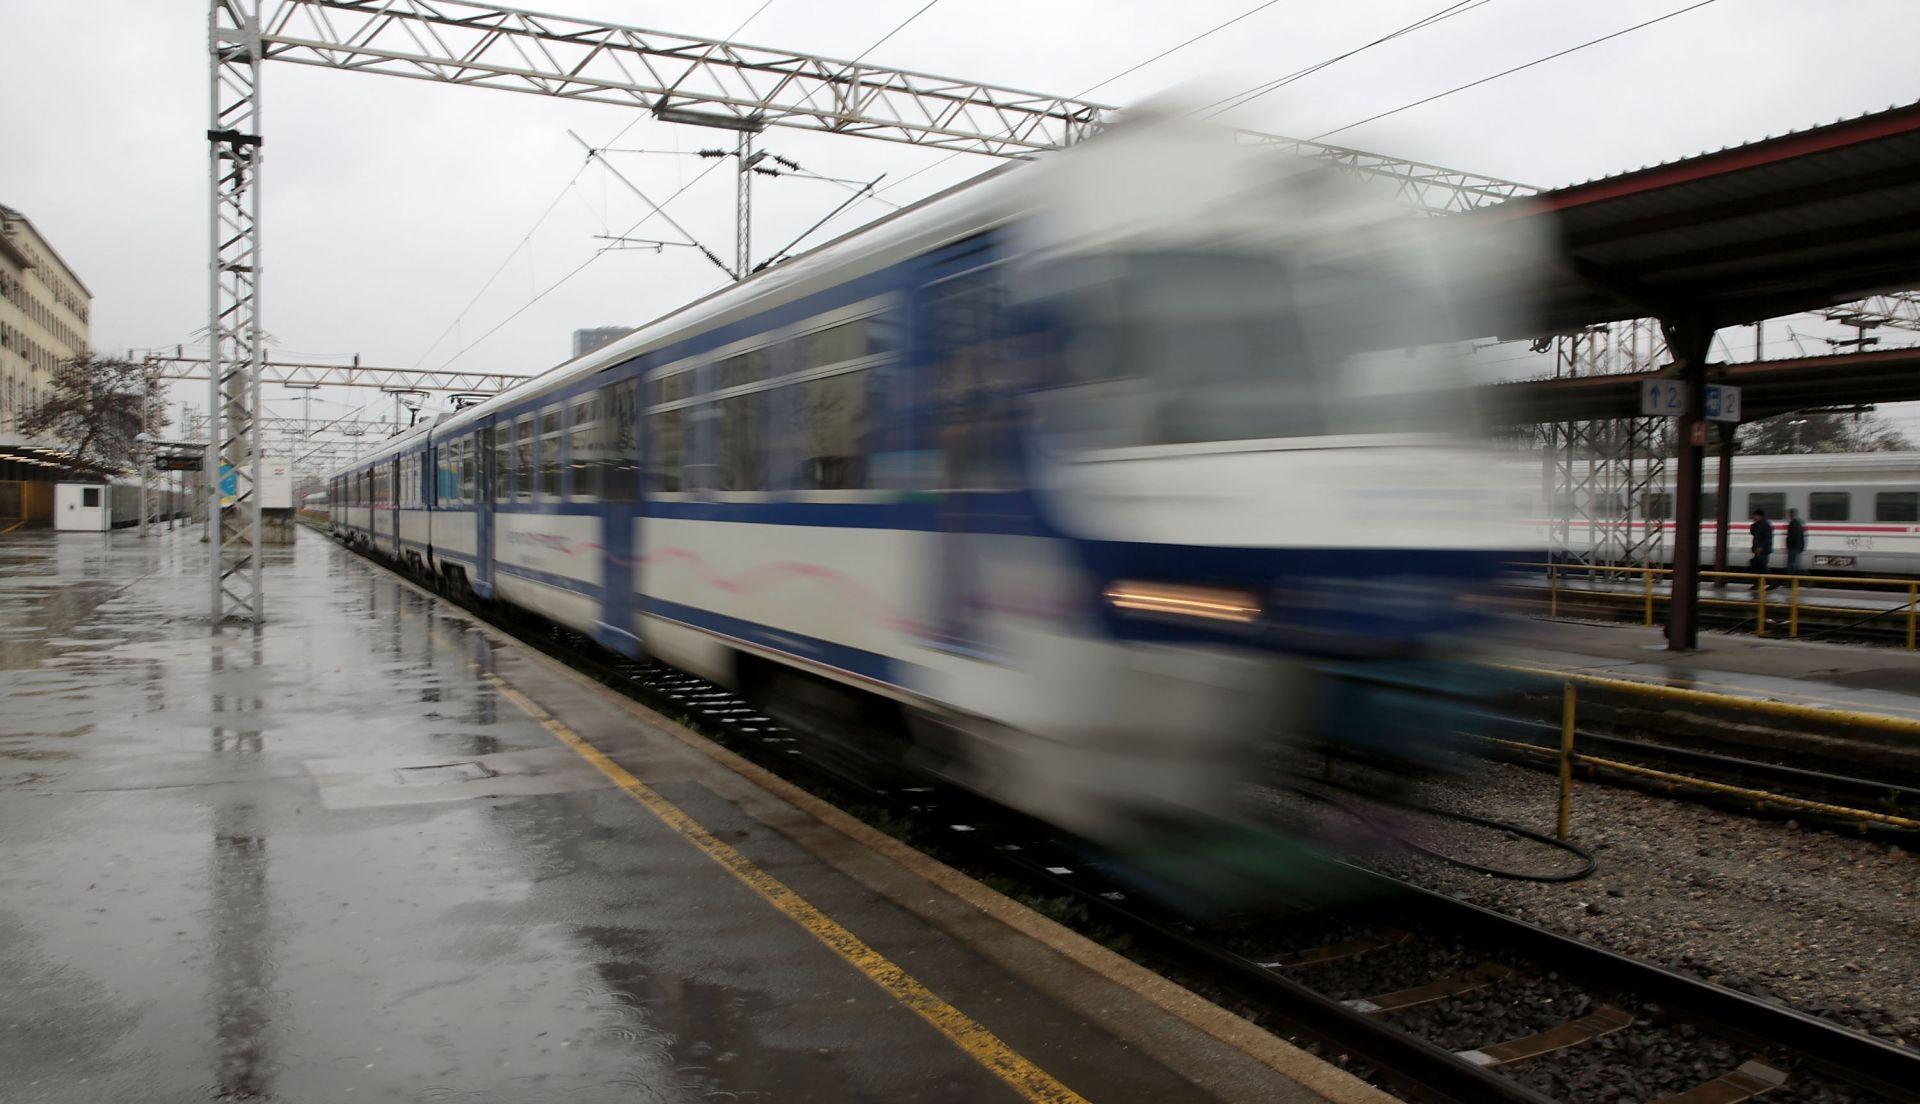 ZAJEDNIČKO PRIOPĆENJE Odluka o ponovnoj uspostavi željezničkog prometa između Hrvatske i Mađarske pokazuje jačanje odnosa